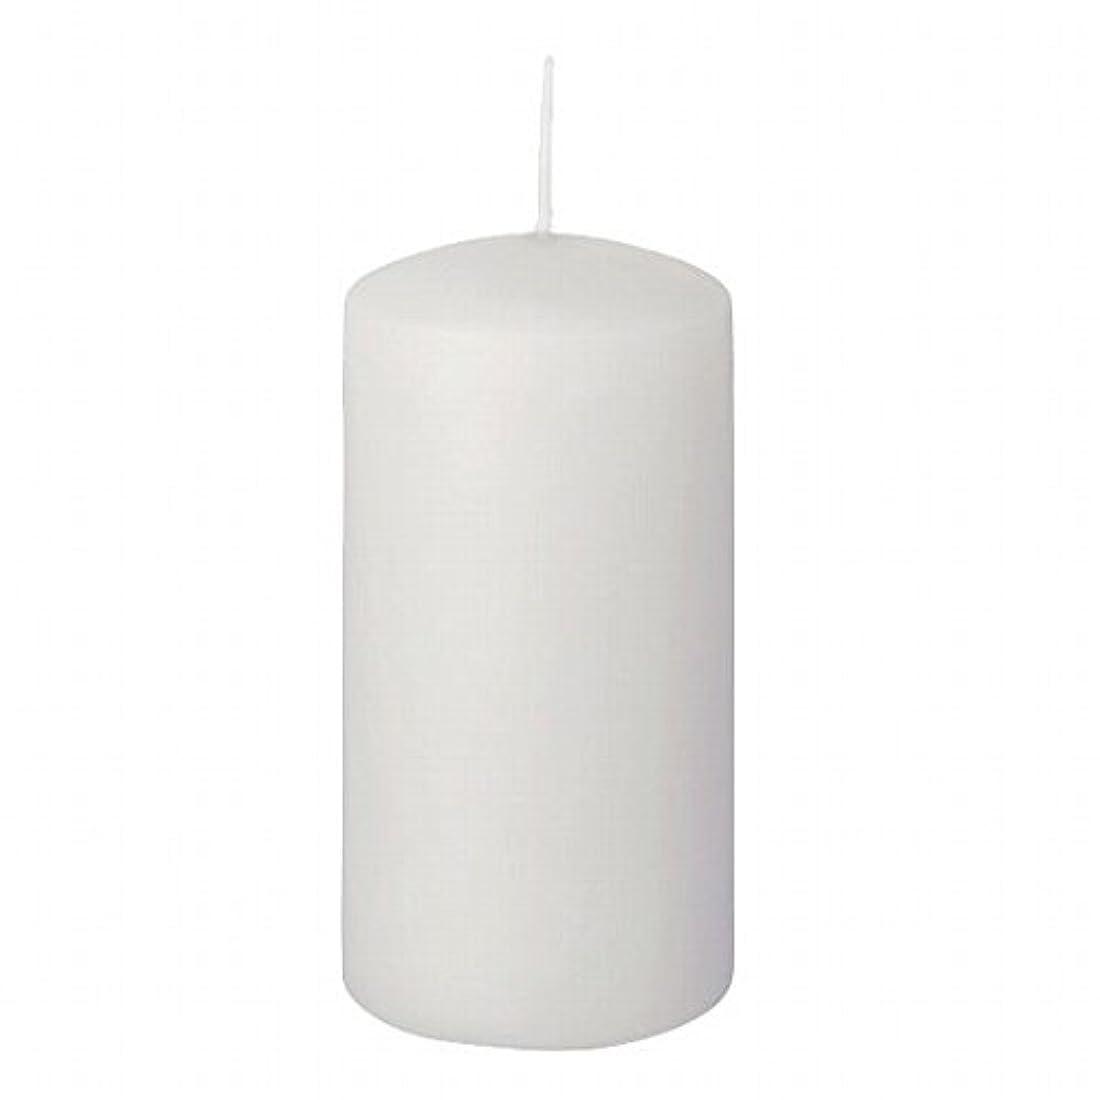 司法広告知恵ヤンキーキャンドル(YANKEE CANDLE) 4インチピラー50 「 ホワイト 」